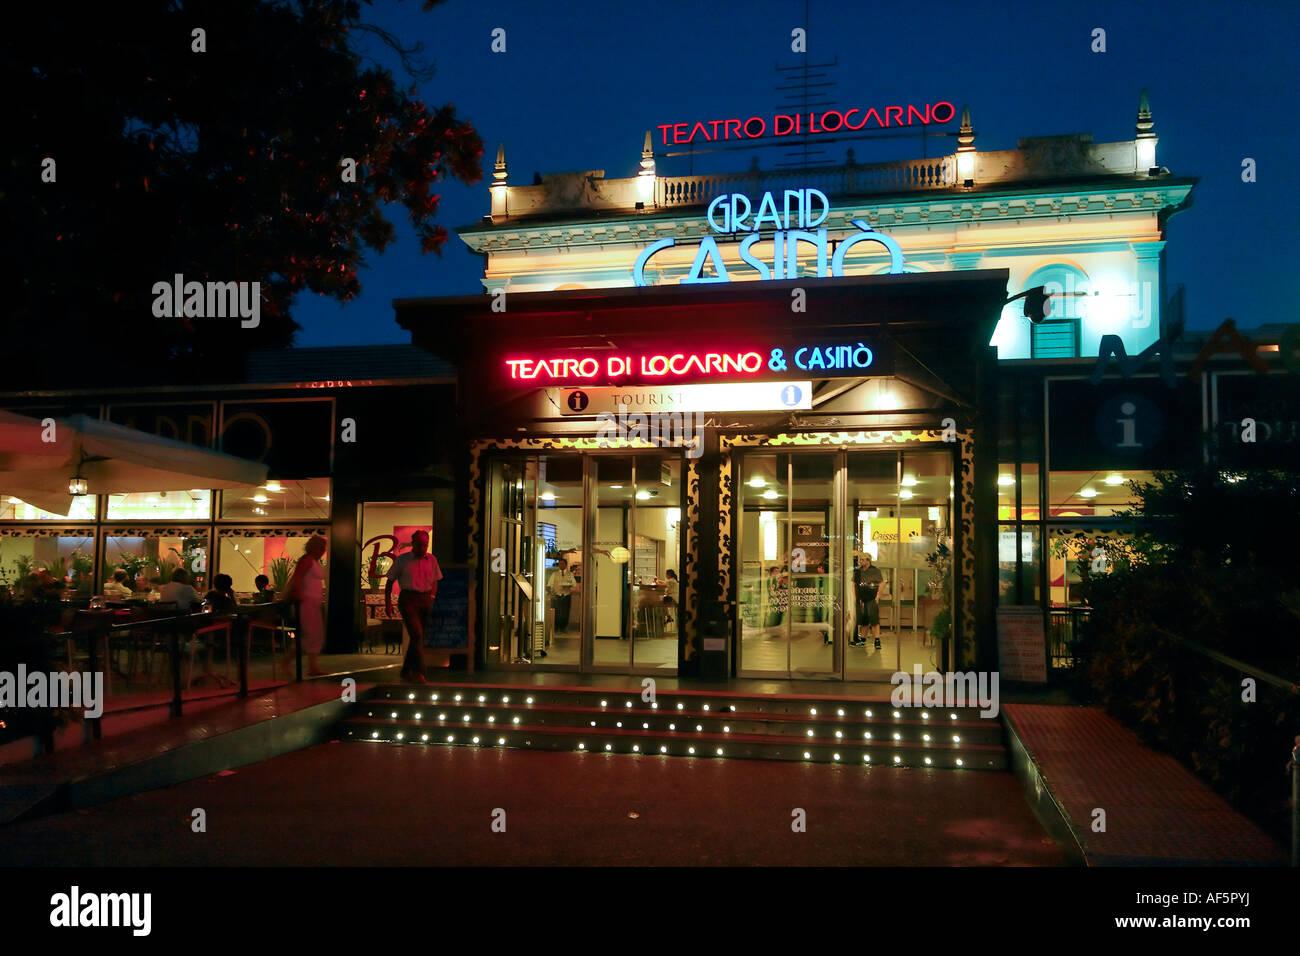 Switzerland Ticino Locarno Teatro di Locarno Casino - Stock Image